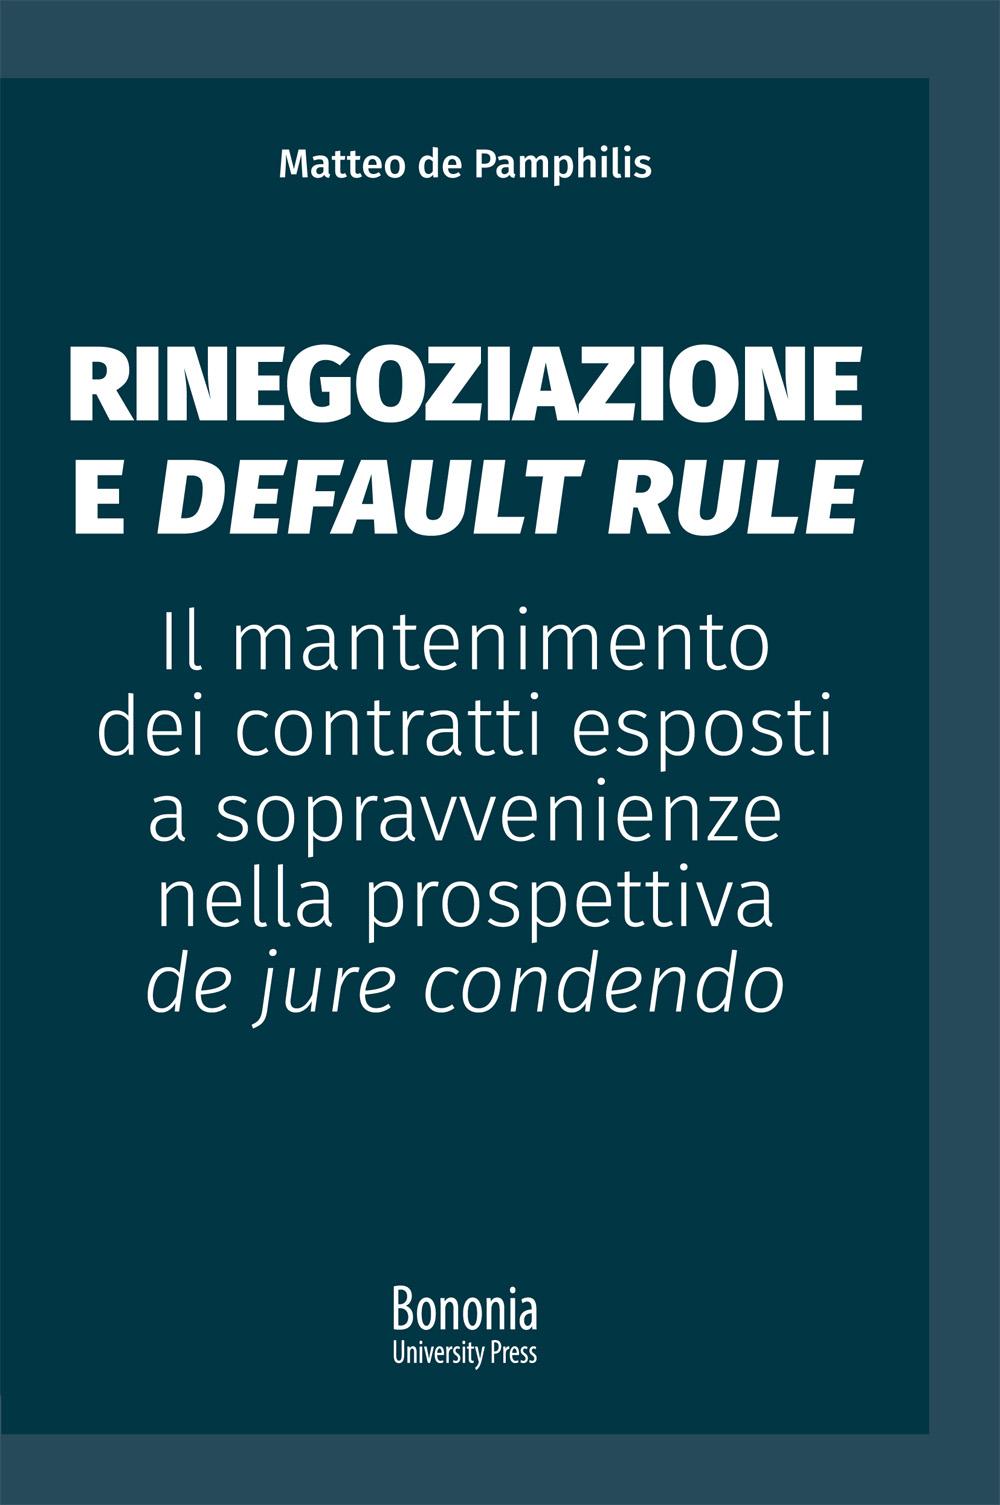 Rinegoziazione e default rule - Bononia University Press